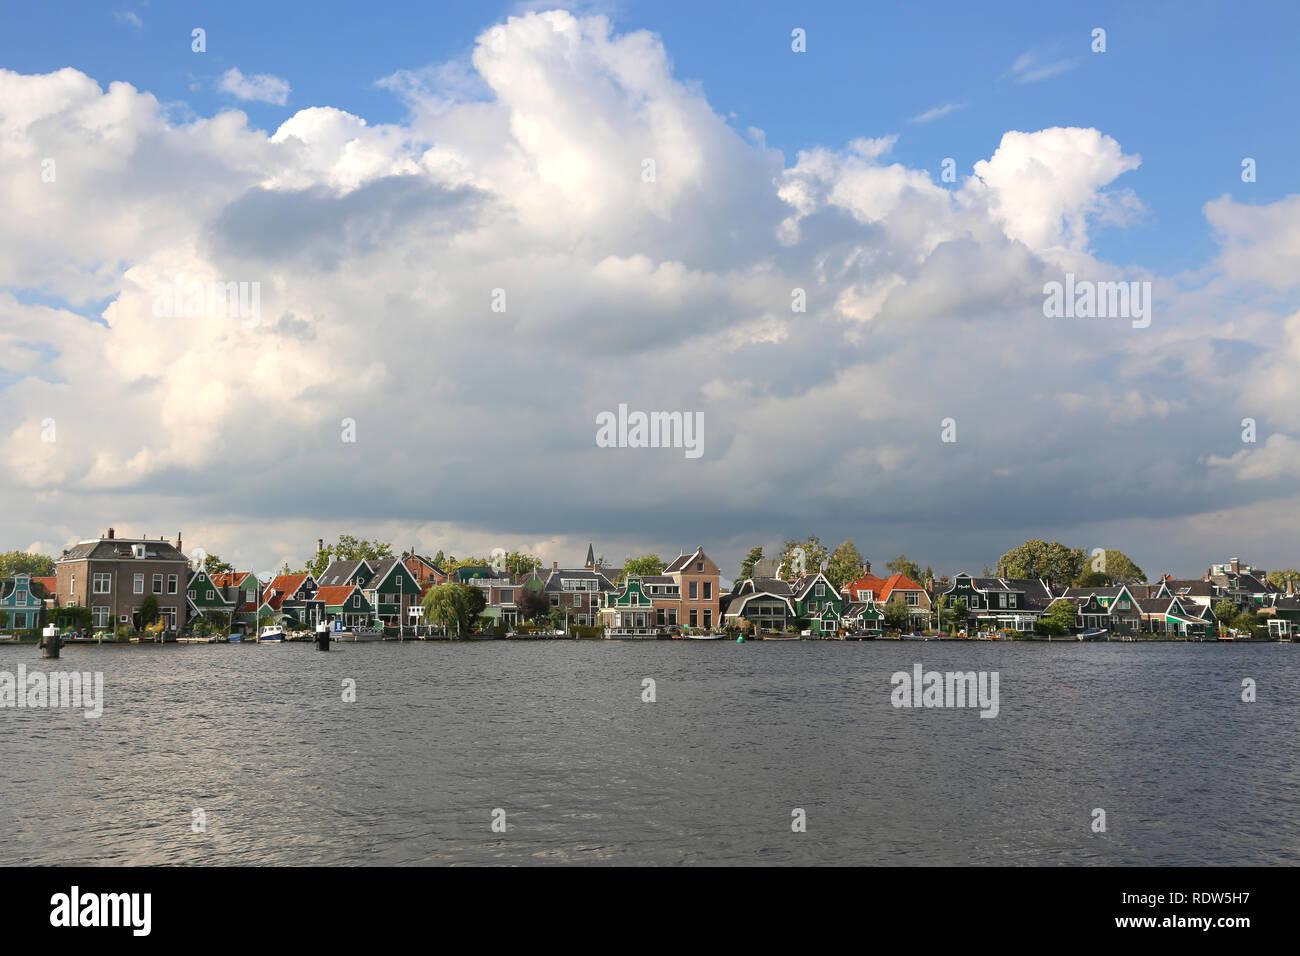 Schöne und historische Häuser in Zaanse Schans, Niederlande Stockbild